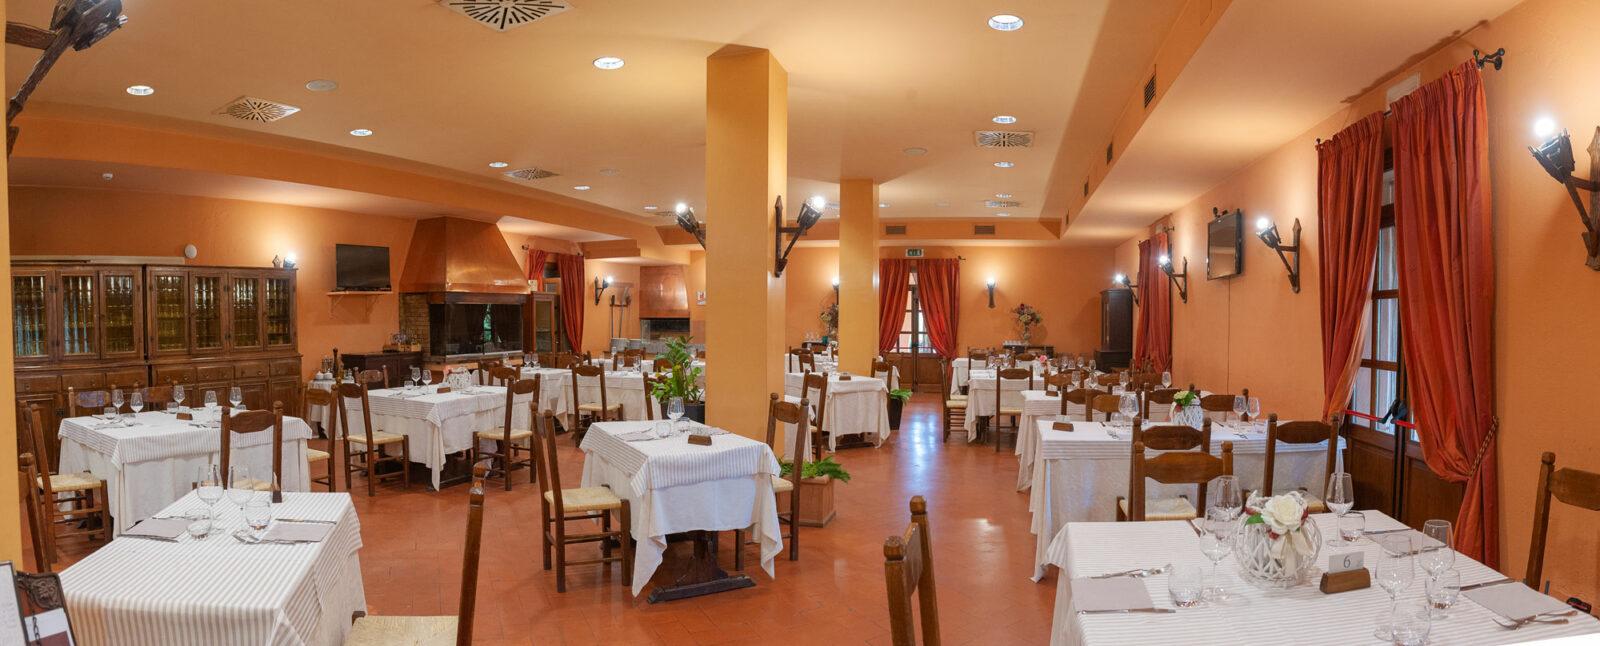 la-fattoria-ristorante-pizzeria-albergo-sala-da-pranzo-piano-terra-4